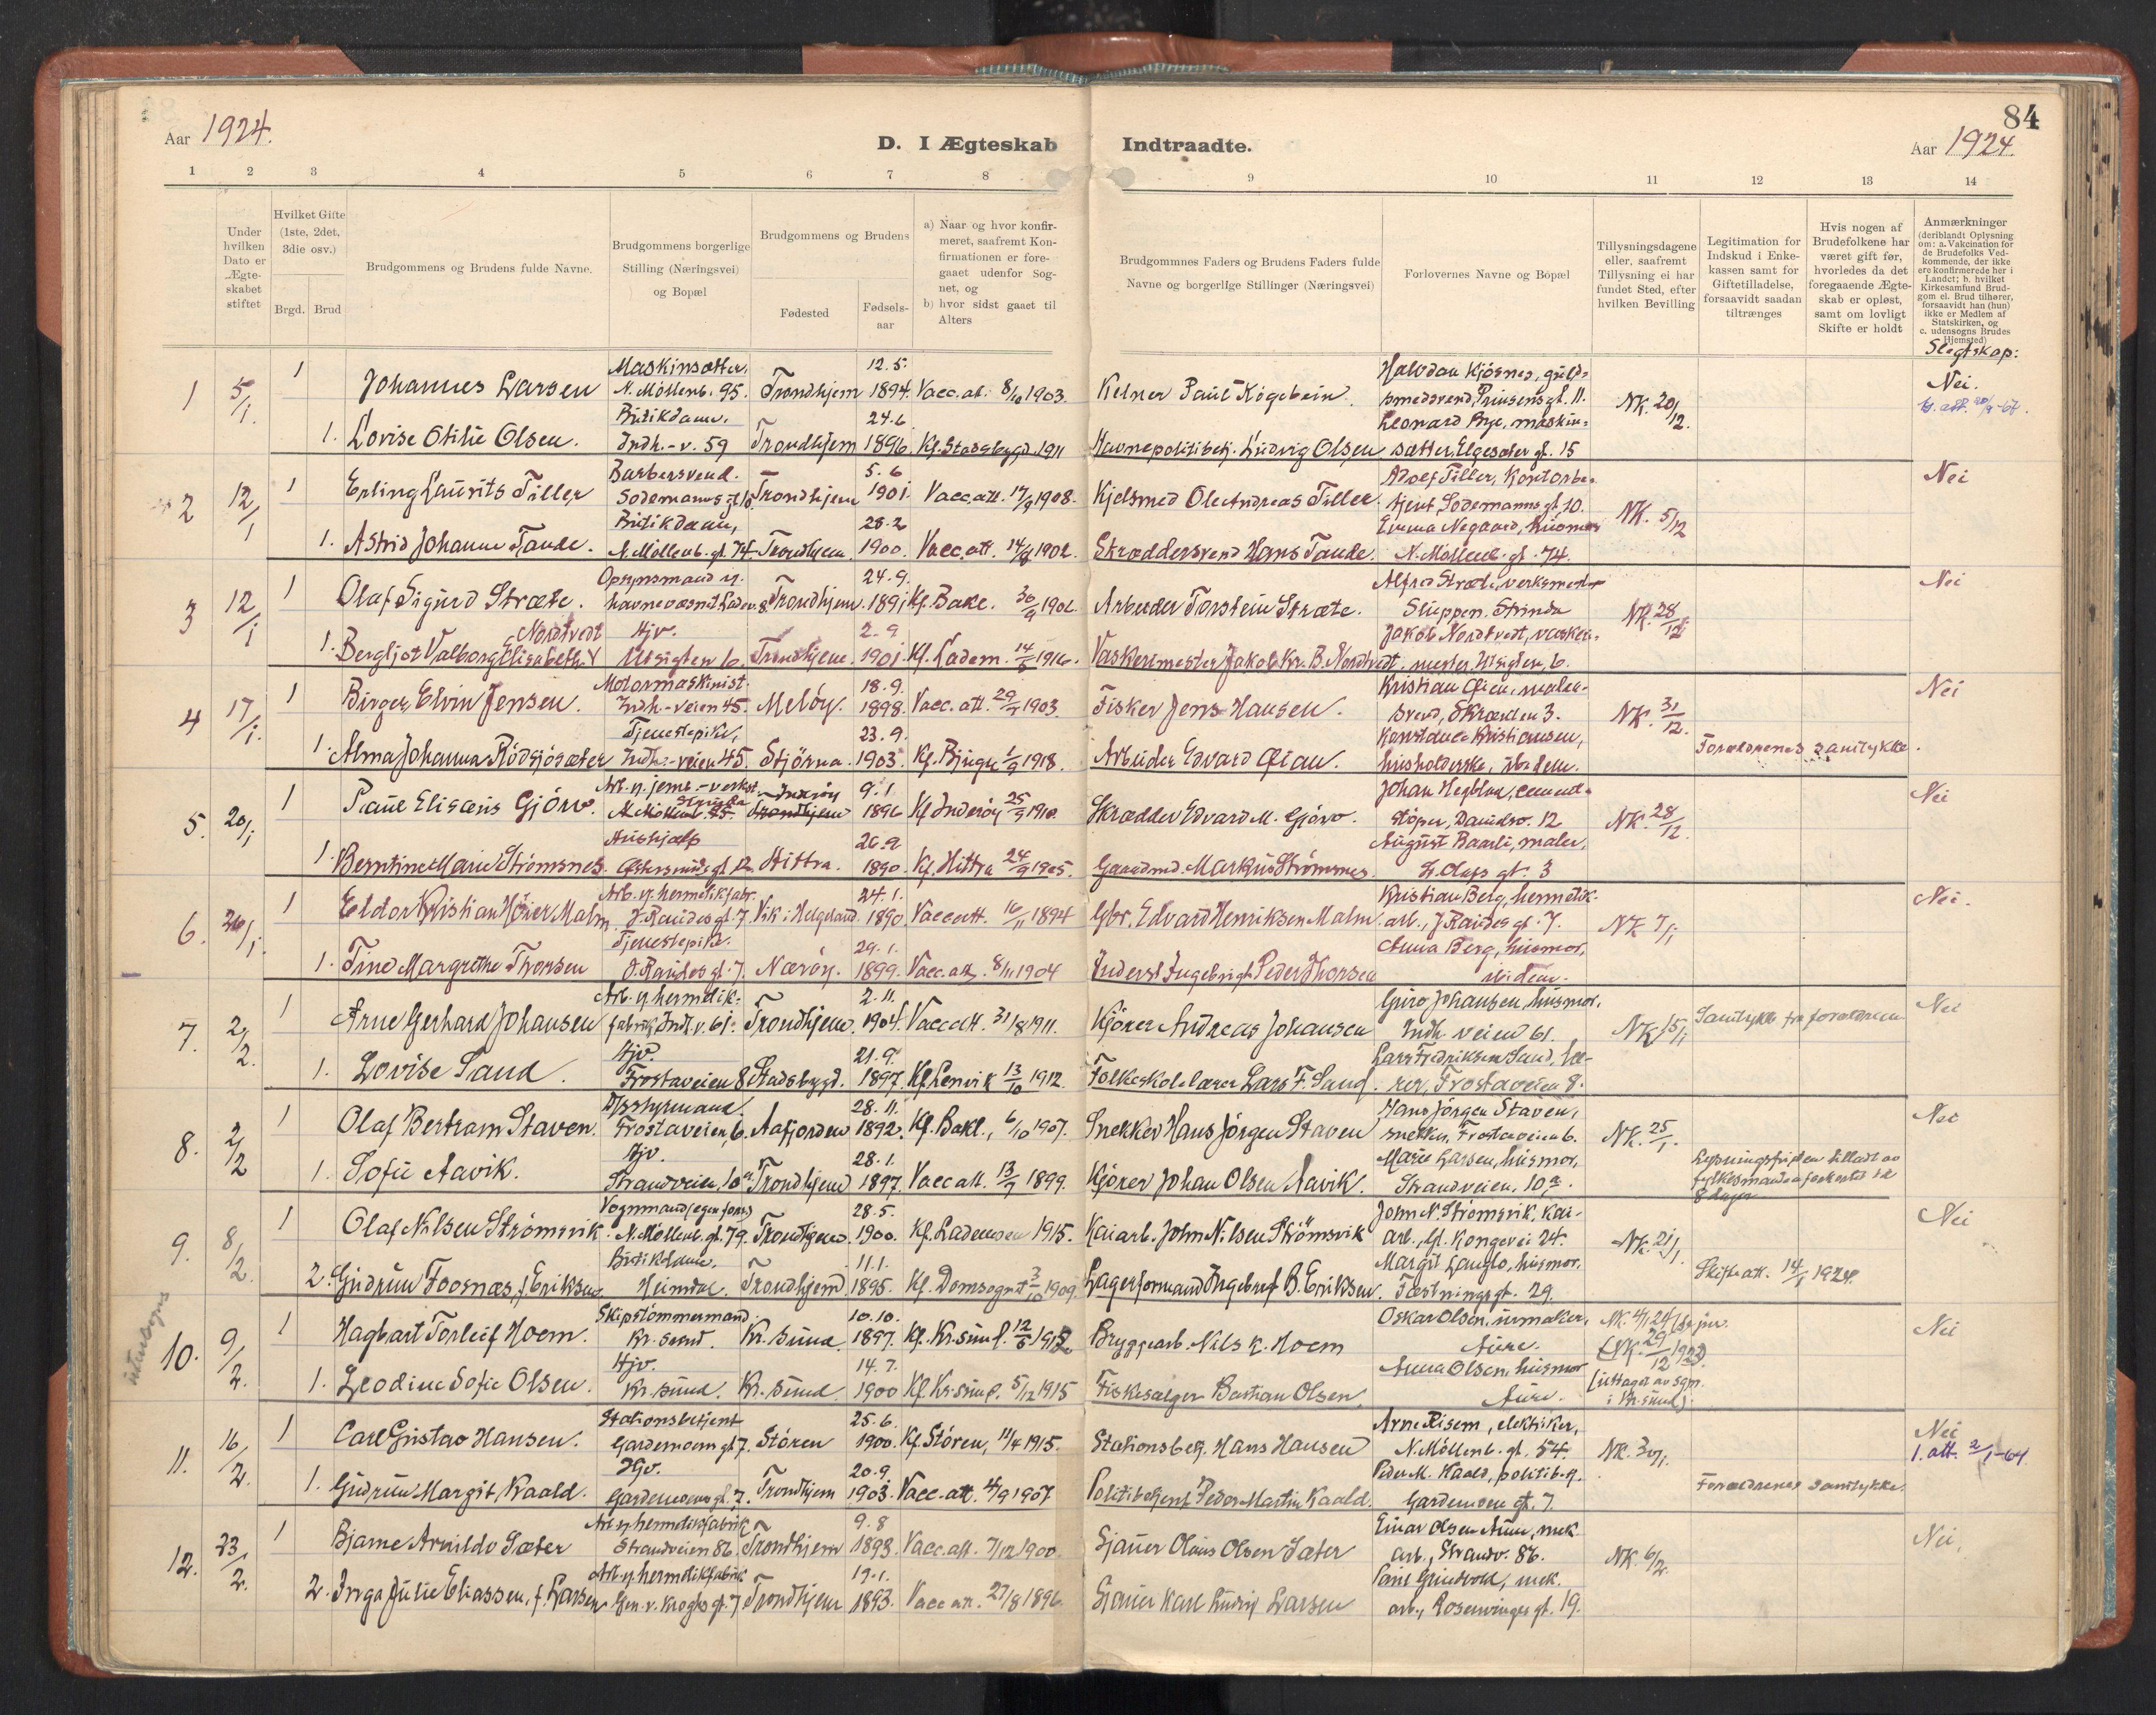 SAT, Ministerialprotokoller, klokkerbøker og fødselsregistre - Sør-Trøndelag, 605/L0245: Ministerialbok nr. 605A07, 1916-1938, s. 84